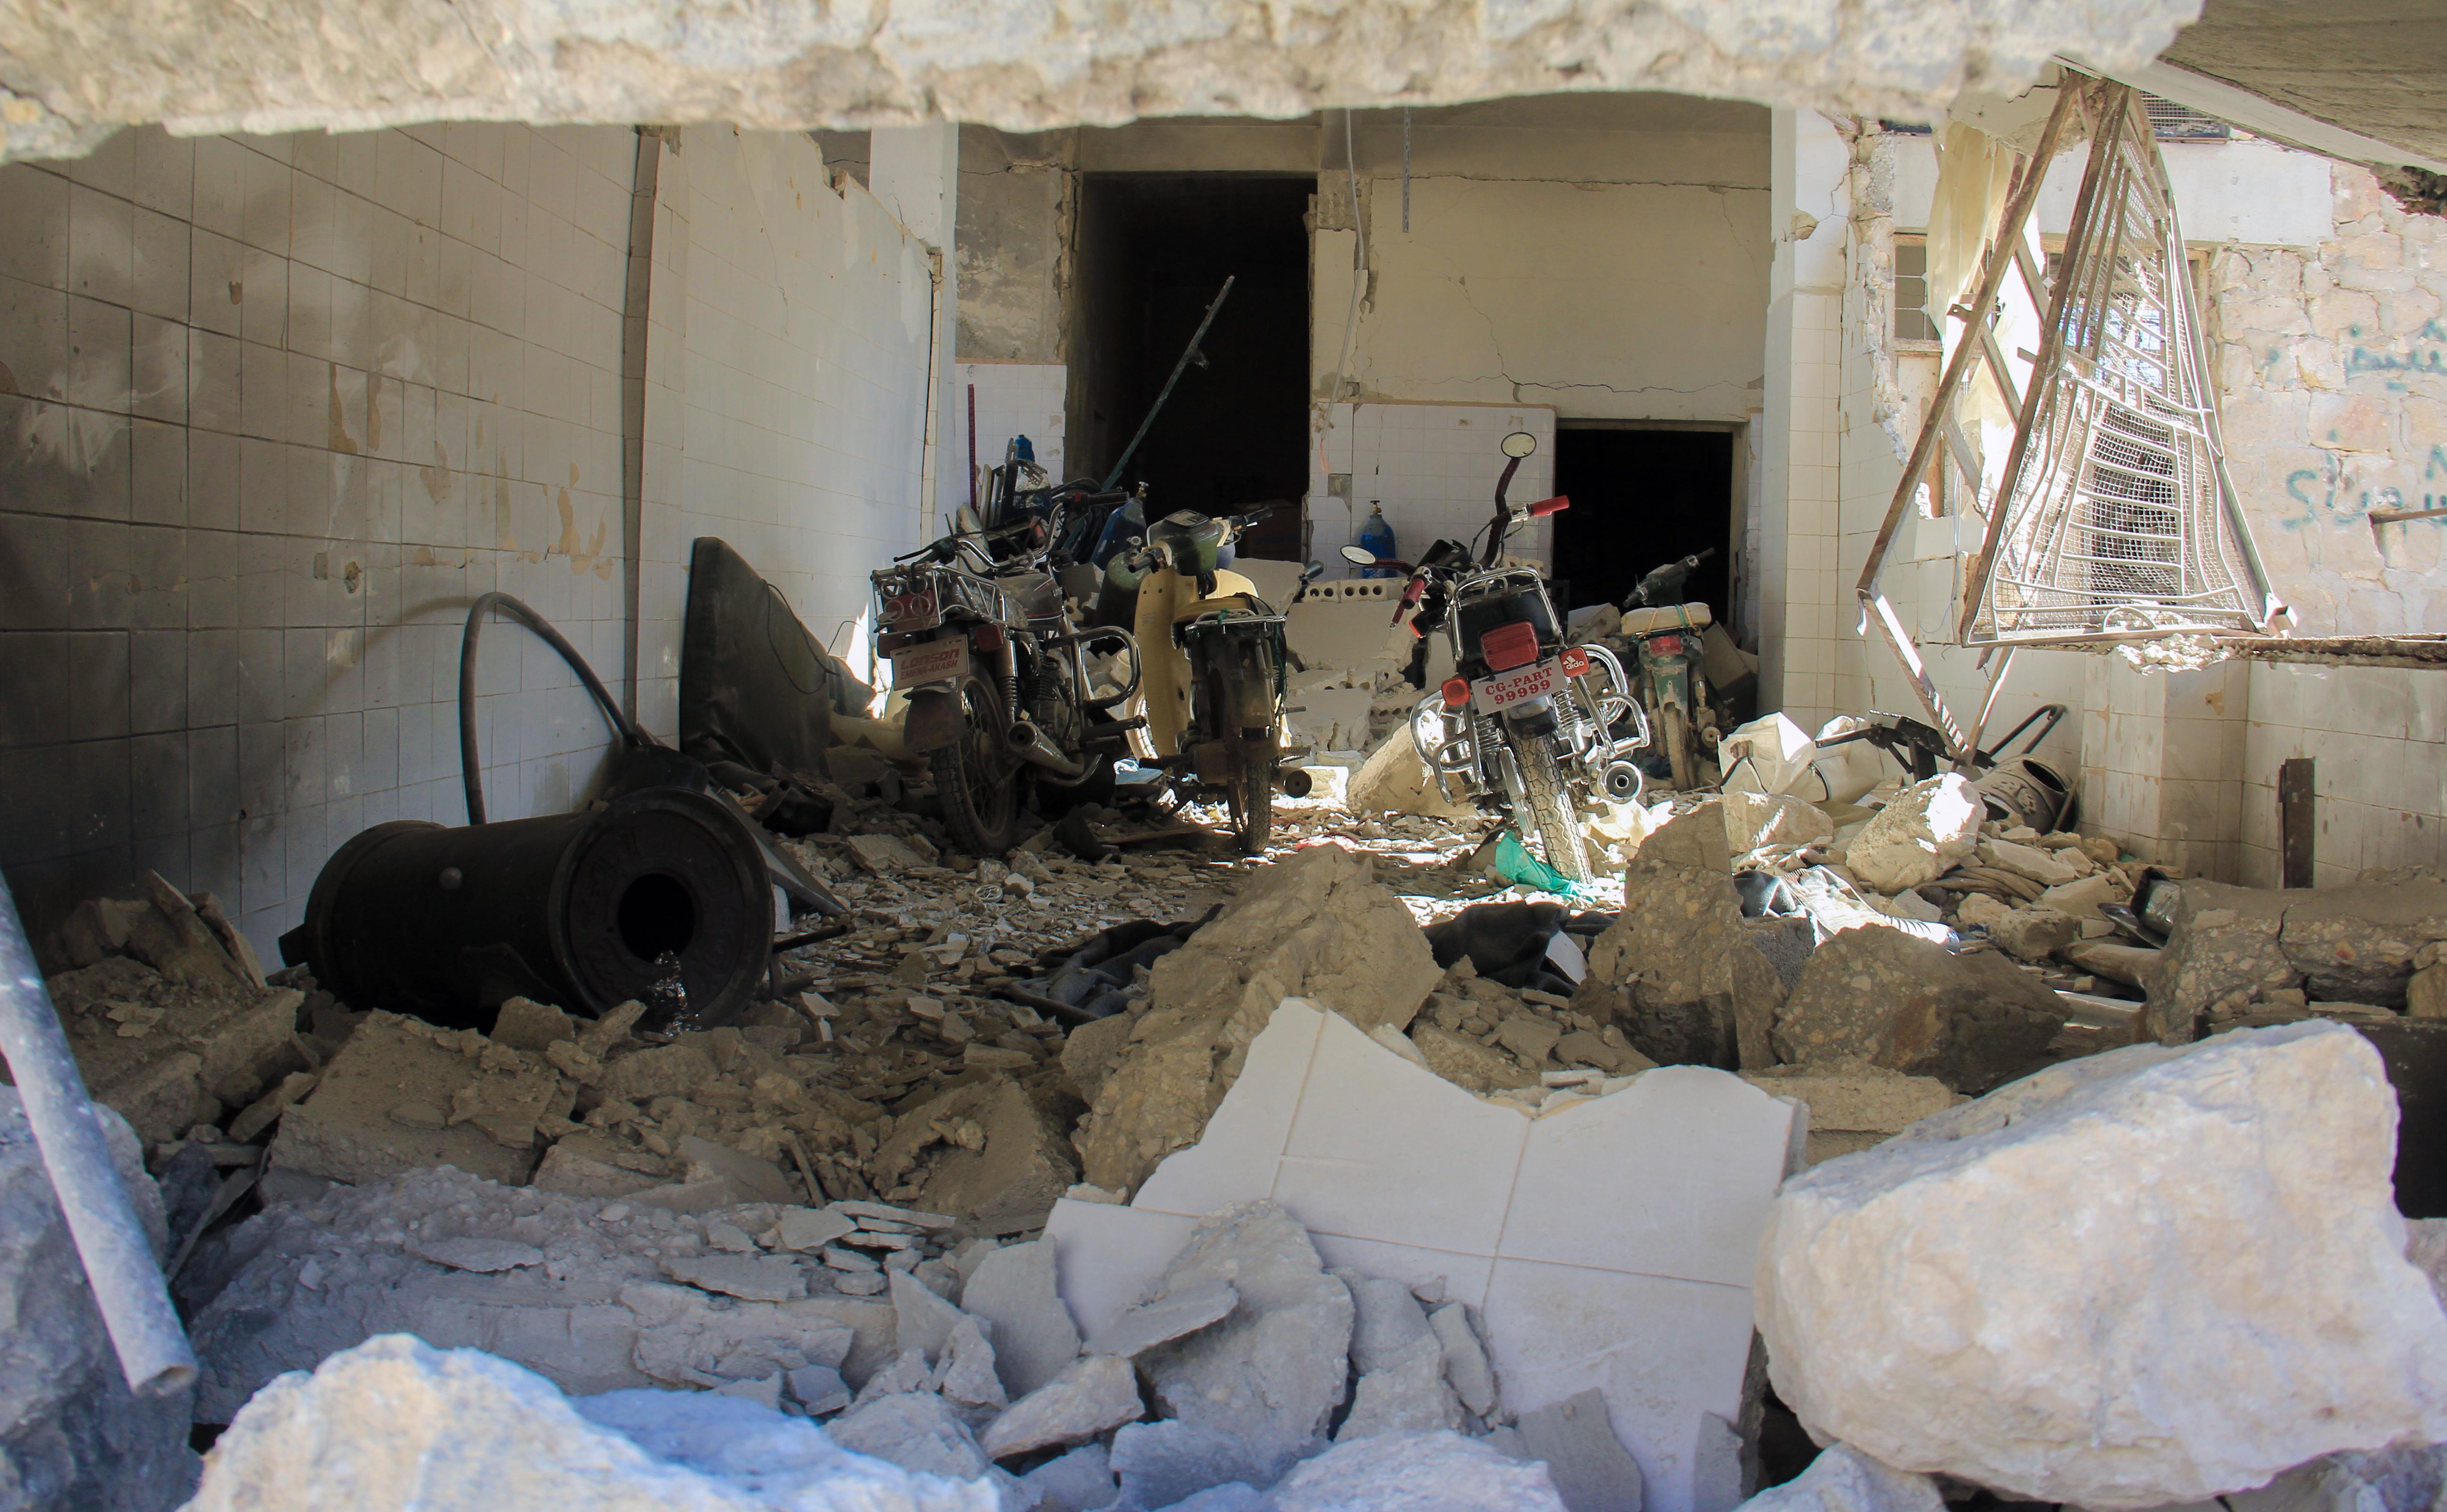 Oroszország megvétózta a szíriai vegyifegyver-támadást vizsgáló misszió mandátumának meghosszabbítását